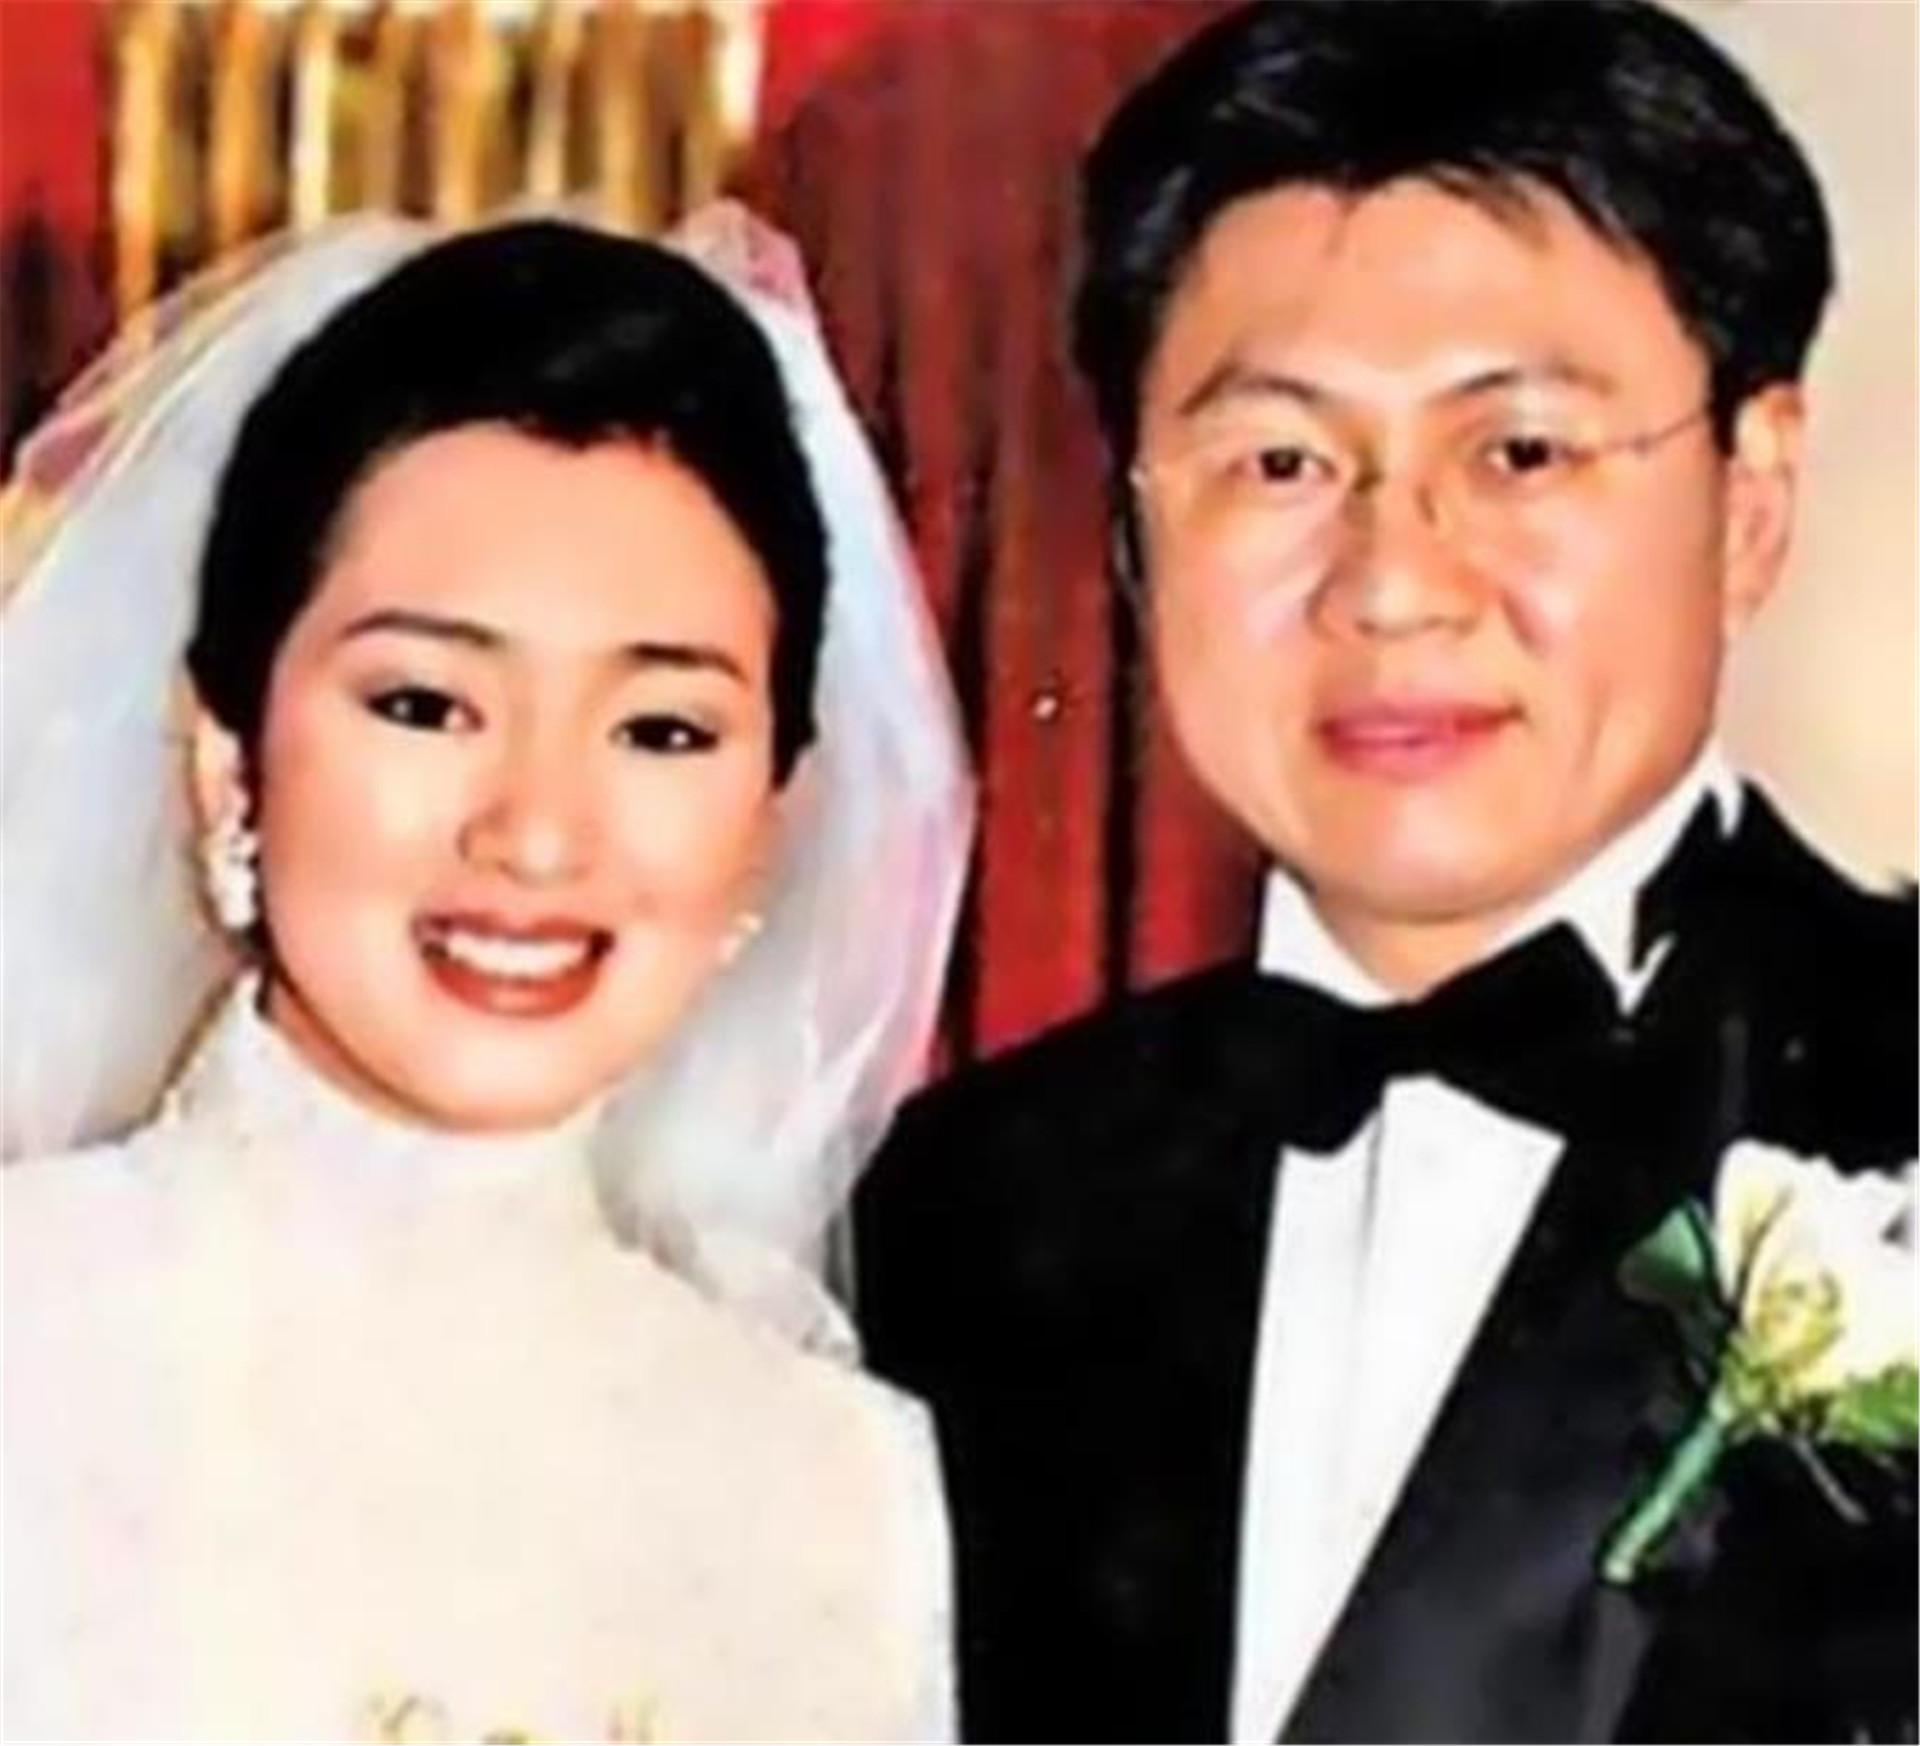 揚言不嫁中國人, 卻兩次被老外拋棄, 如今她帶著兒子回國撈金-圖7